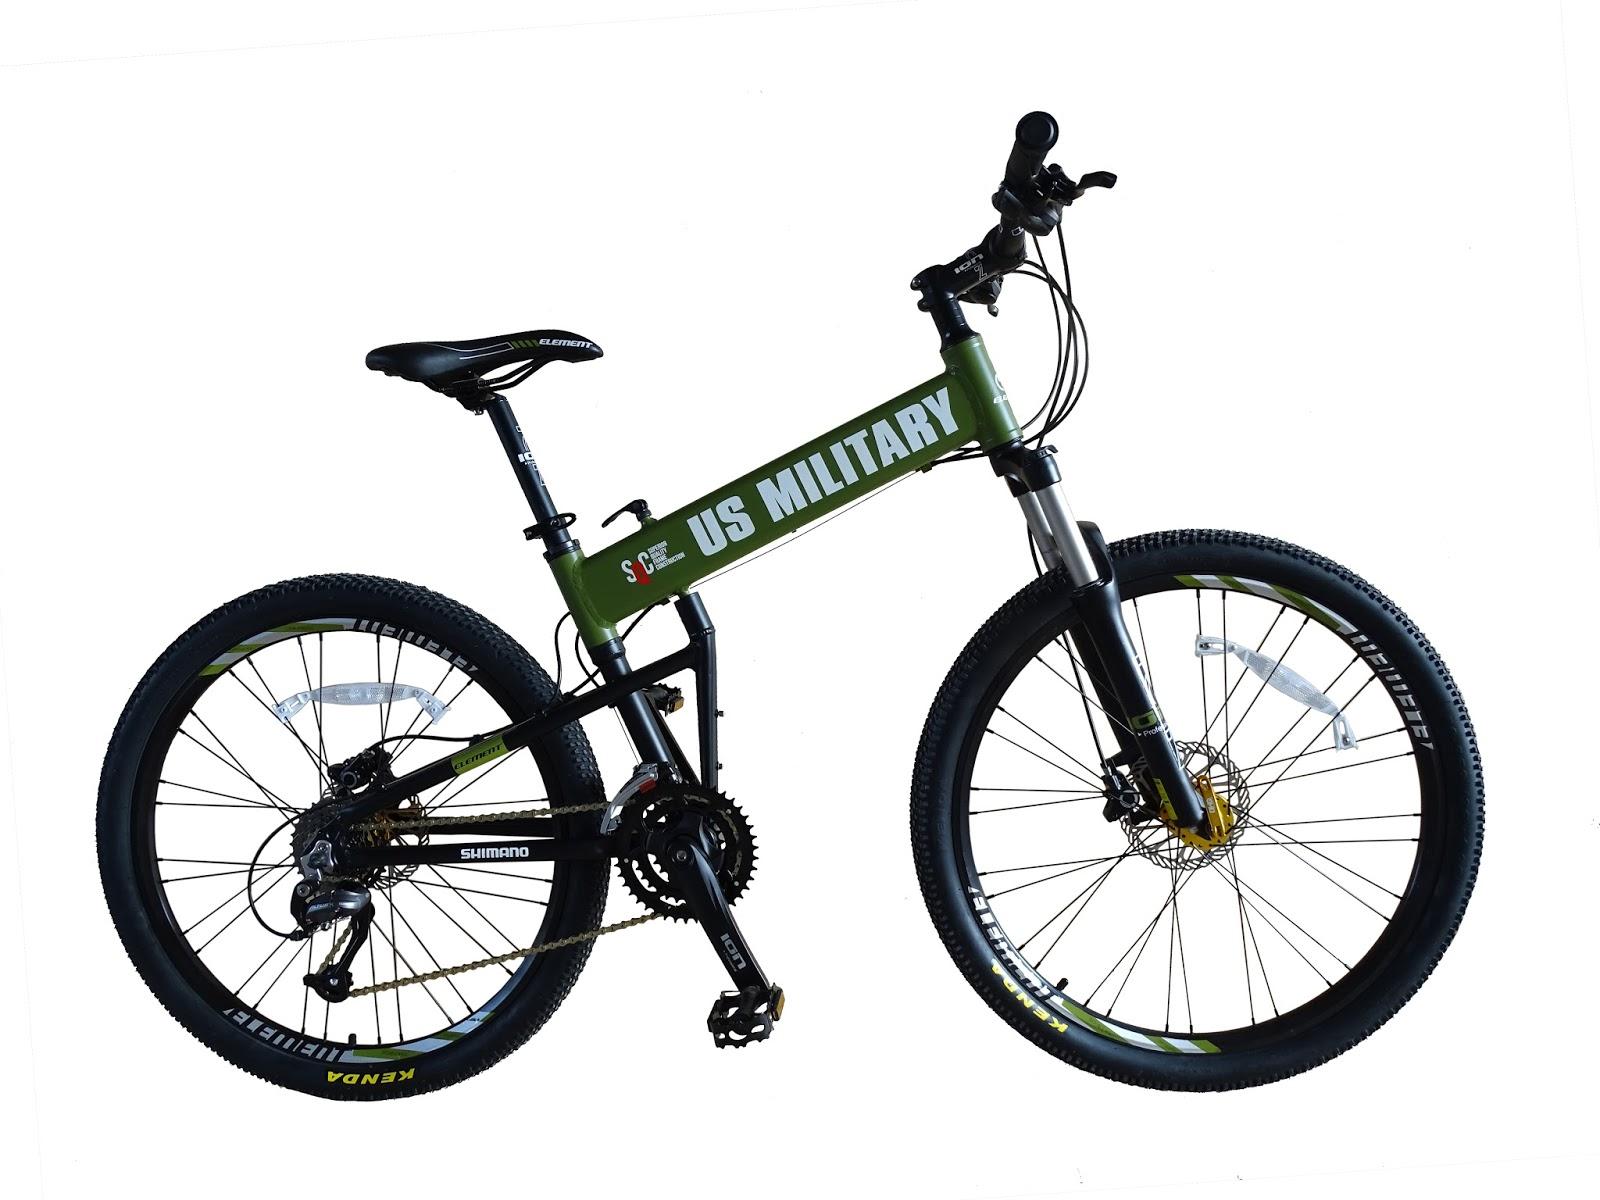 Ricko Bike Shop: Sepeda Gunung Element US Military